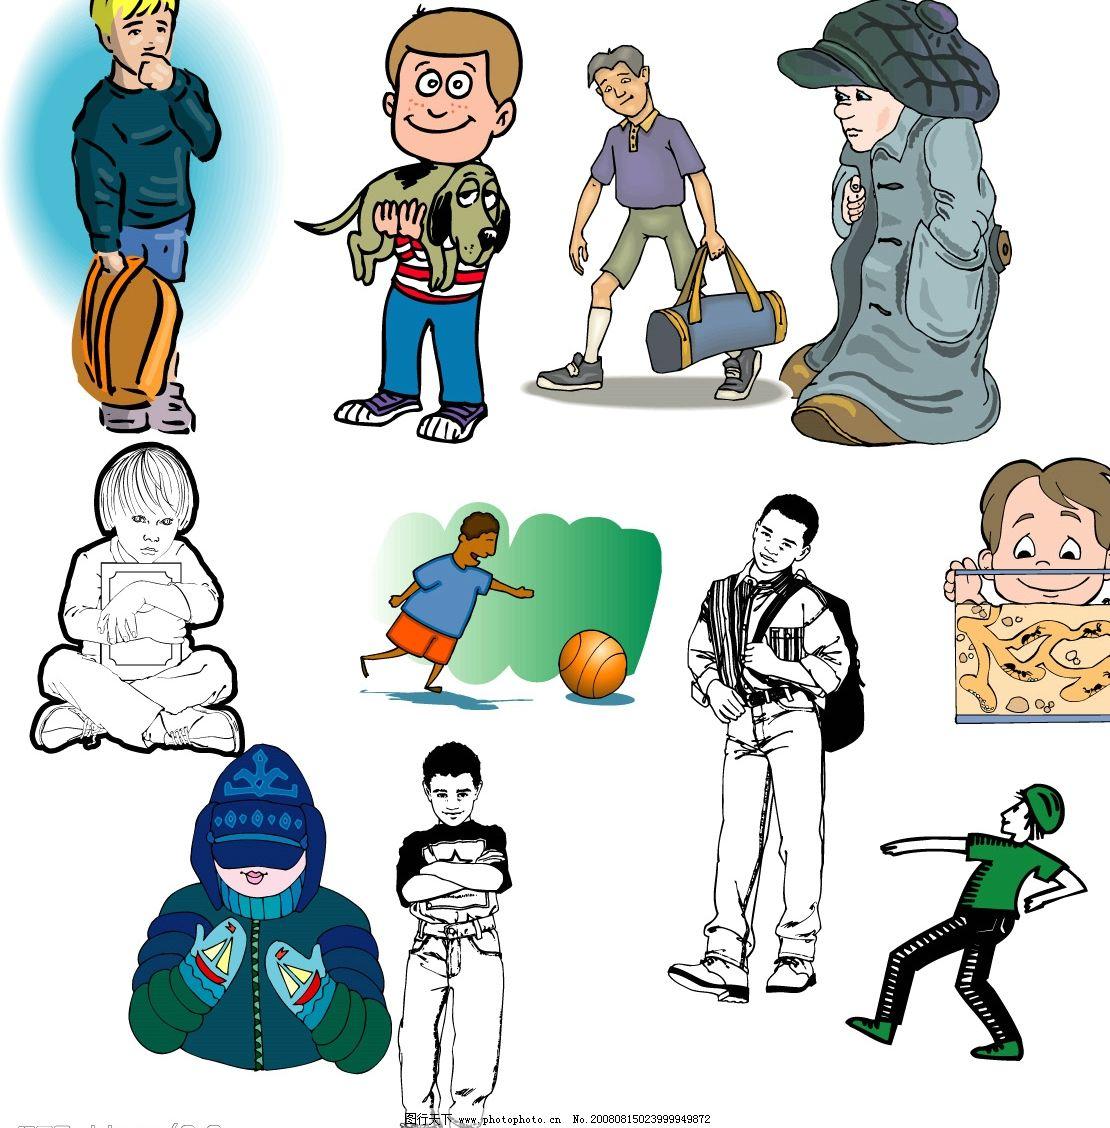 矢量人物 卡通人物 抱狗的小孩 提书包的小孩 看鱼的小孩 精品6 其他